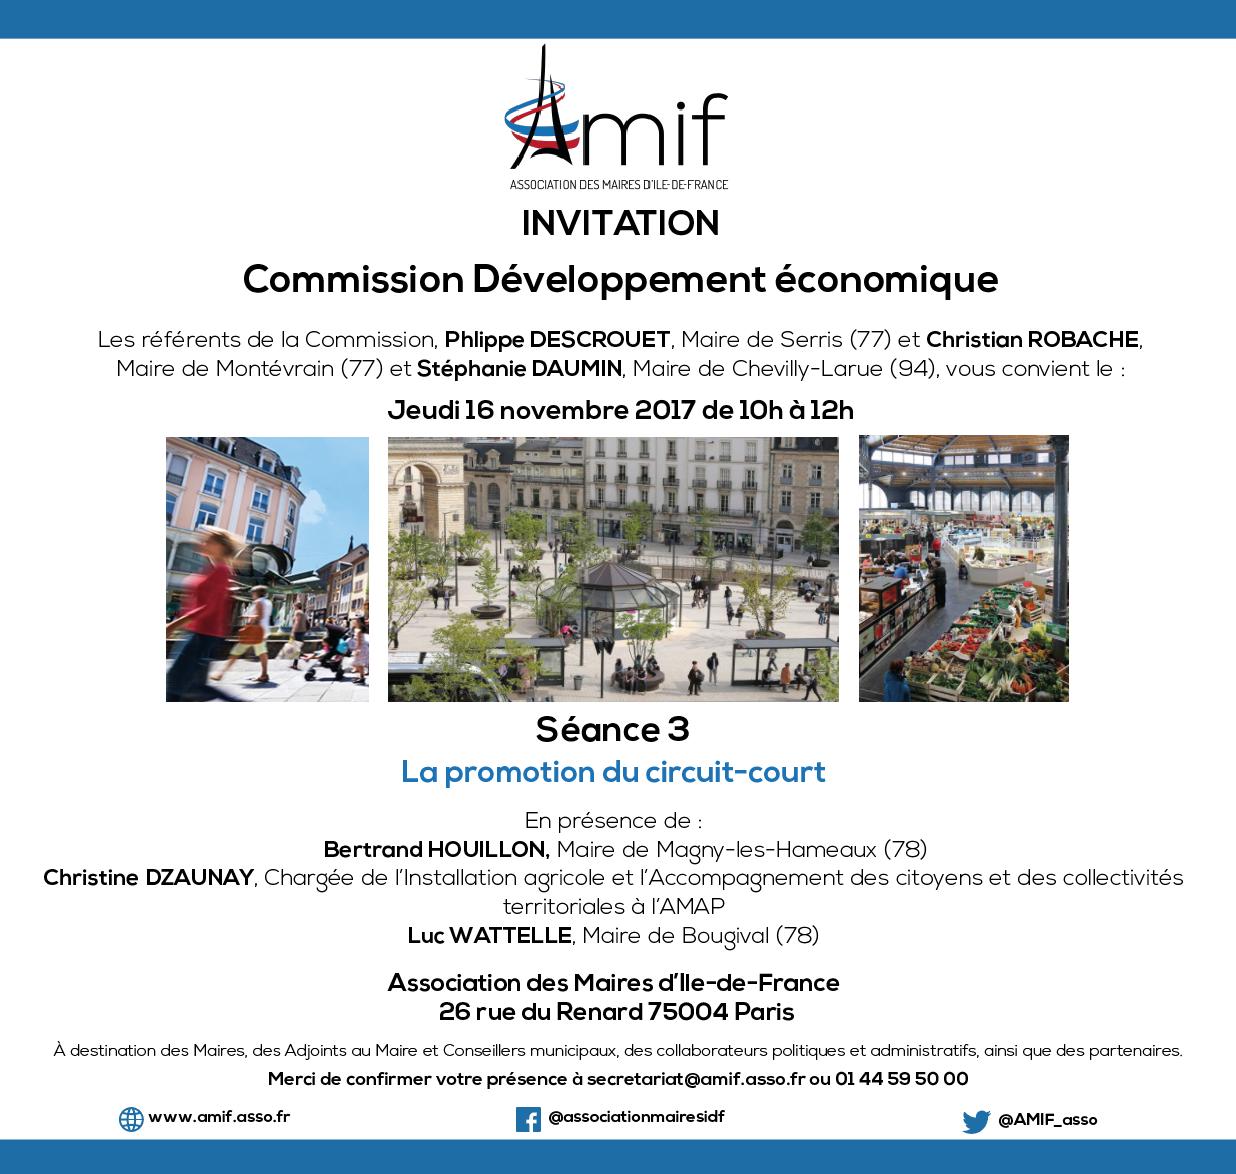 Commission Développement économique - Séance 3 - Jeudi 16 novembre 2017 - 10h-12h